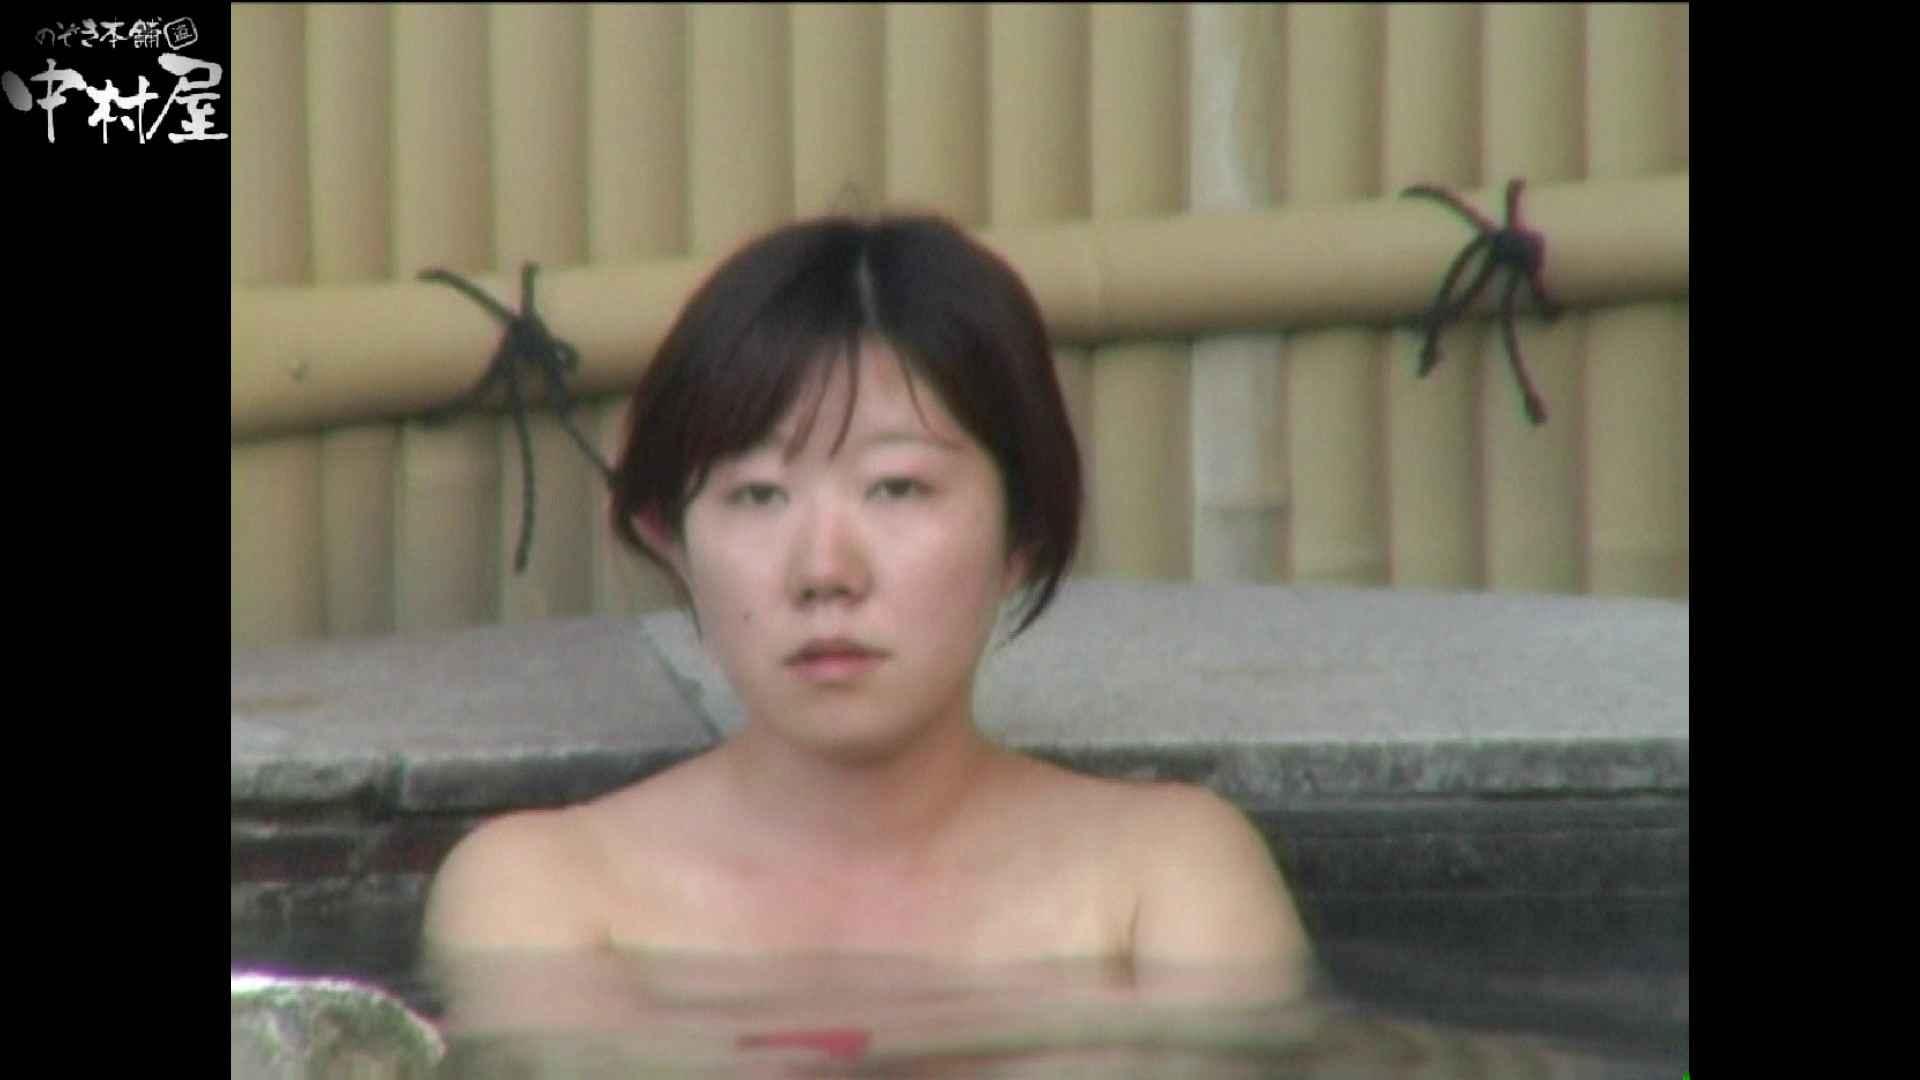 Aquaな露天風呂Vol.977 美しいOLの裸体 ヌード画像 83pic 47